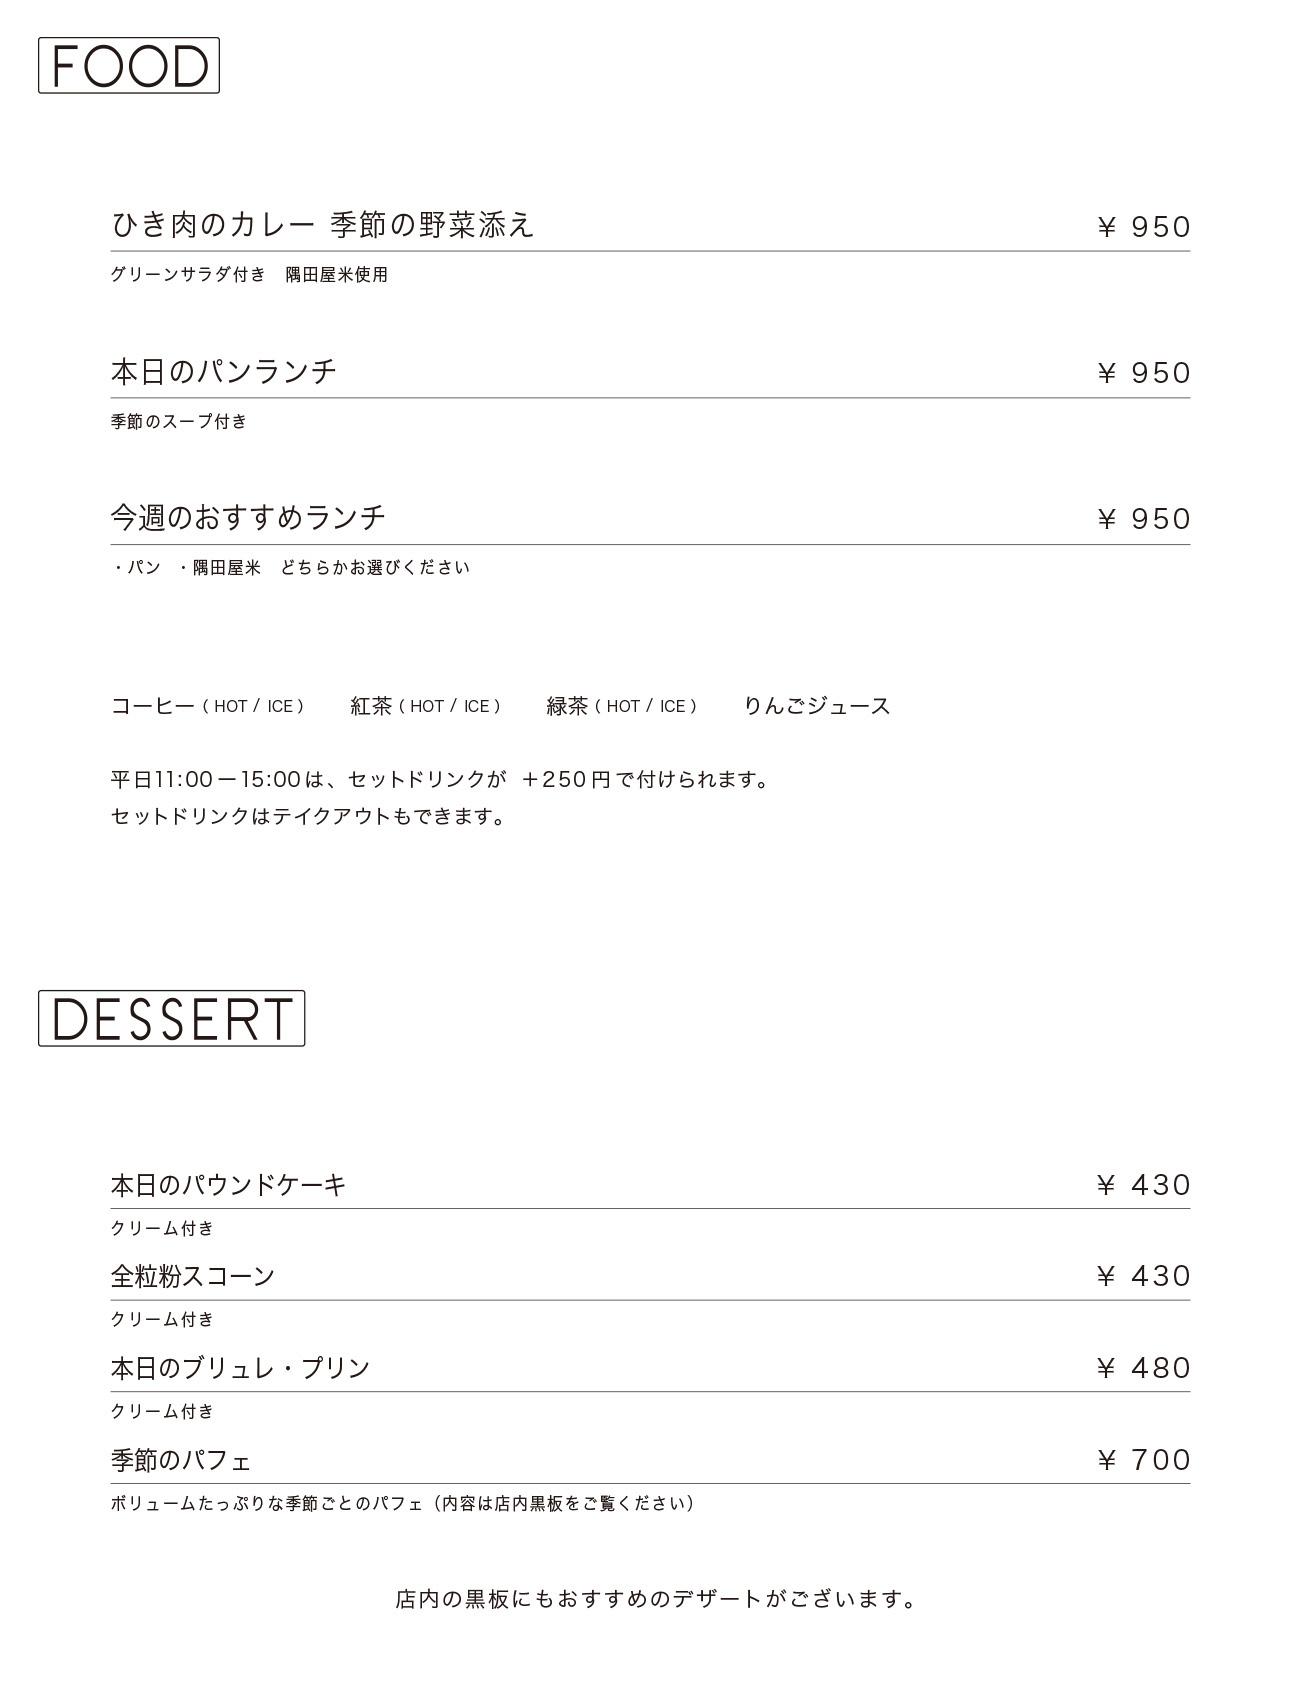 menu01